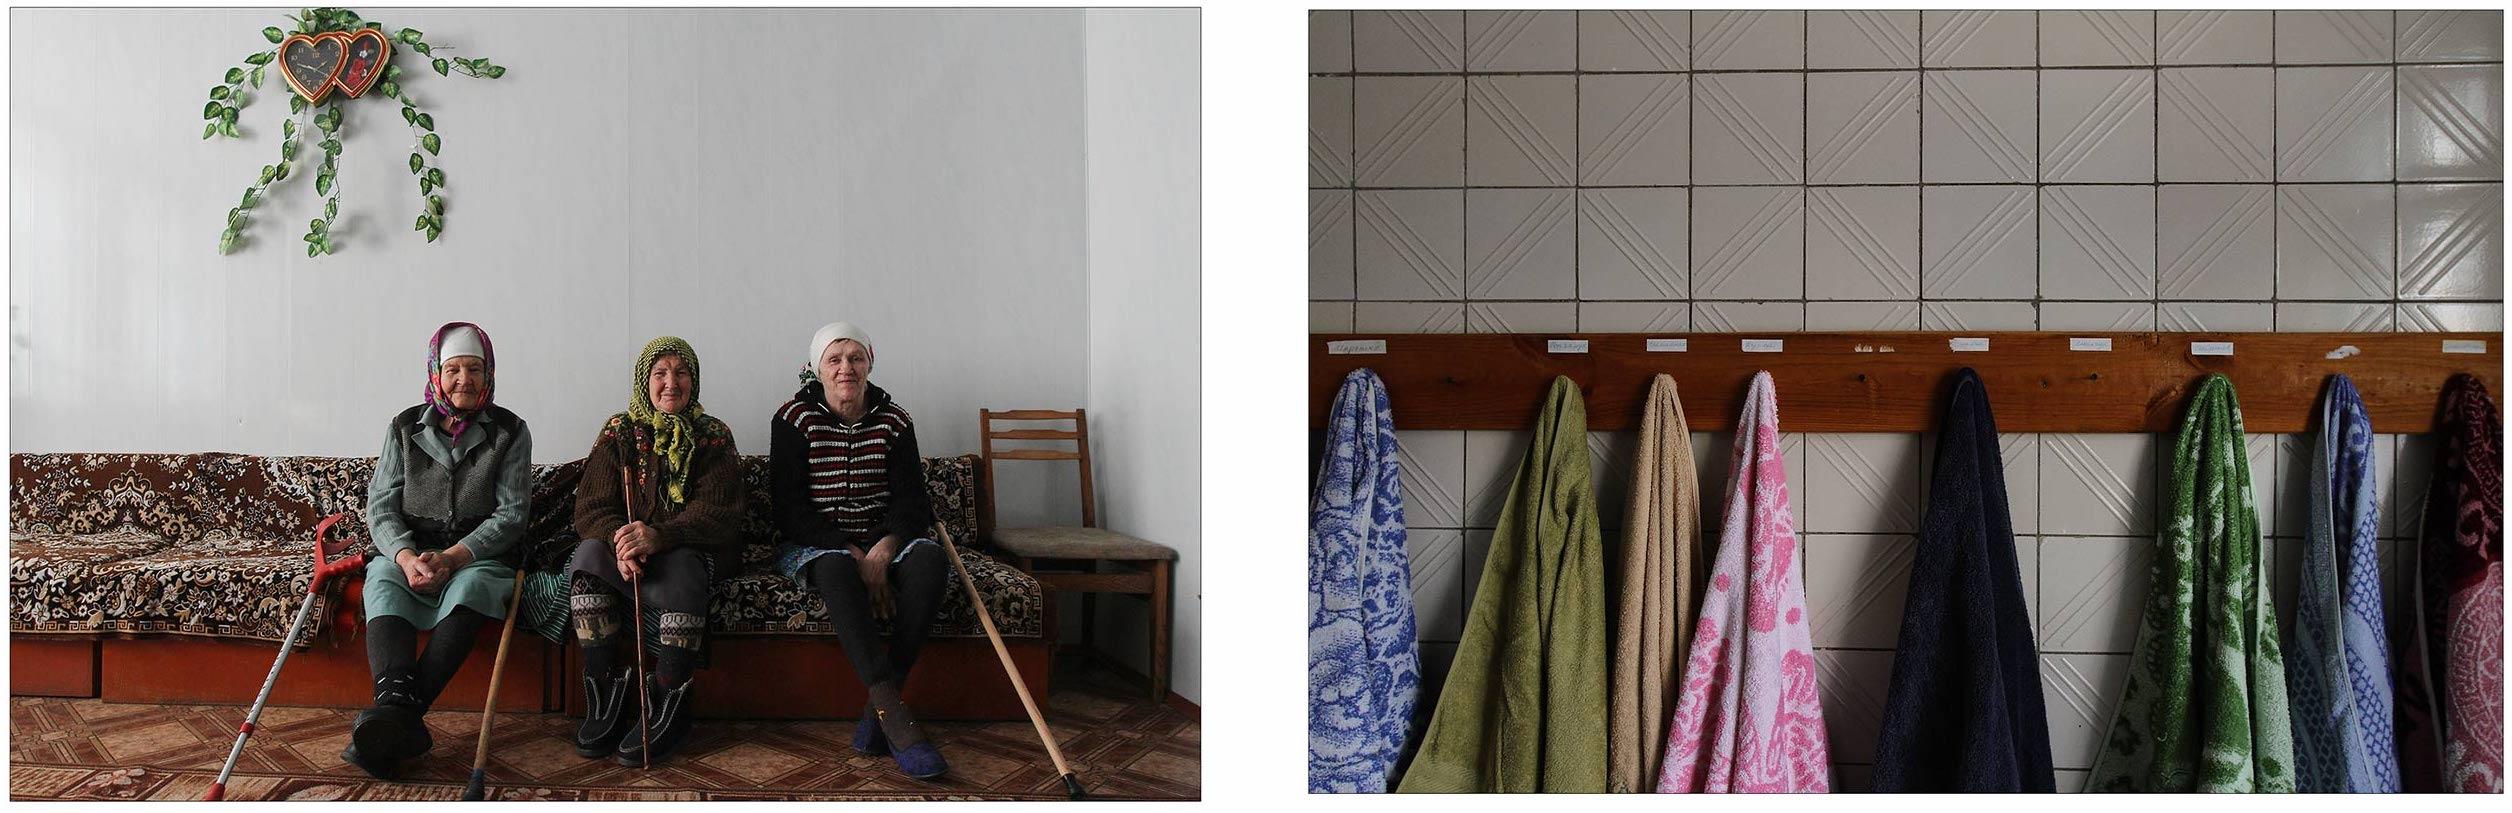 11 12 ch kharchenko 1 - <b>«Старі сидять голі, у самих футболках і памперсах».</b> Журналістка Заборони розповідає, як шукала будинок літніх людей для своєї бабусі - Заборона